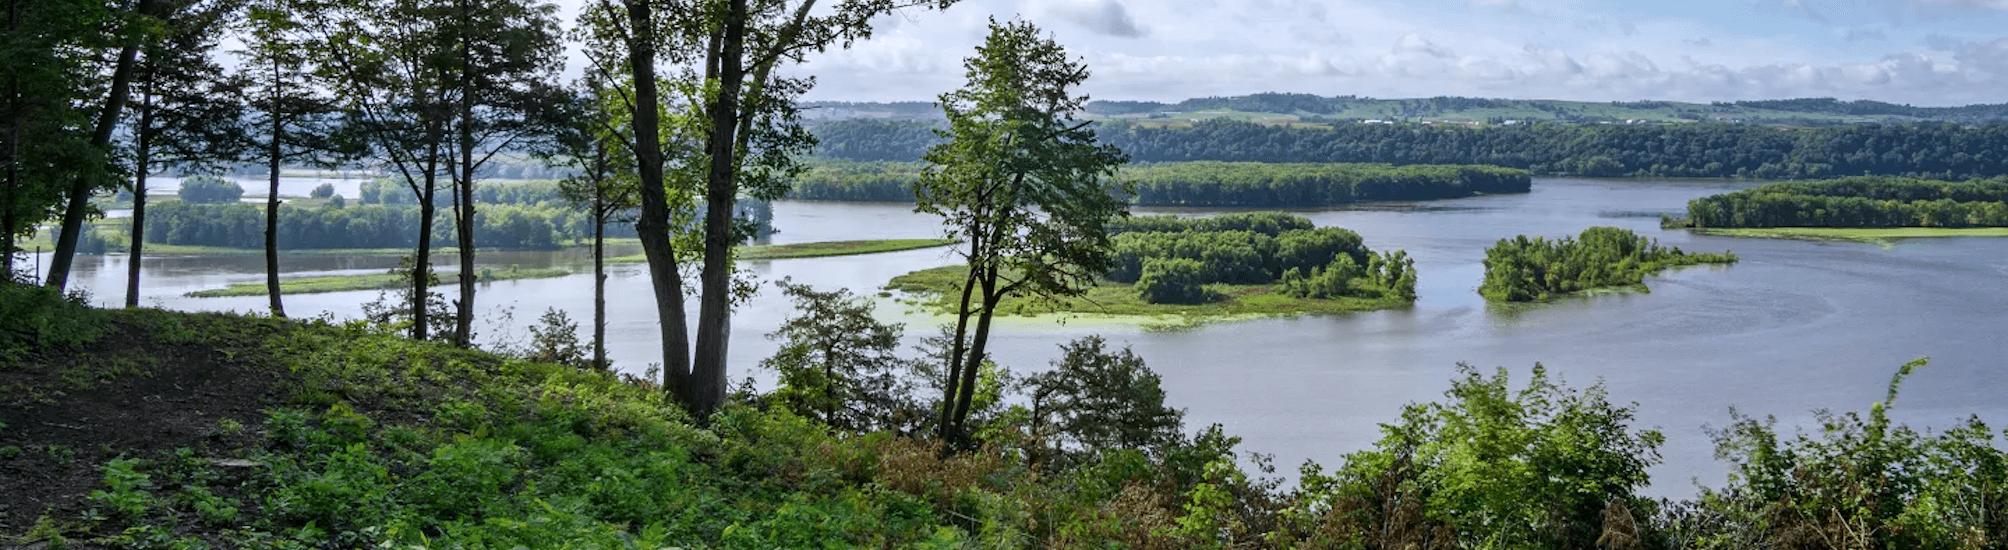 Mississippi River Property